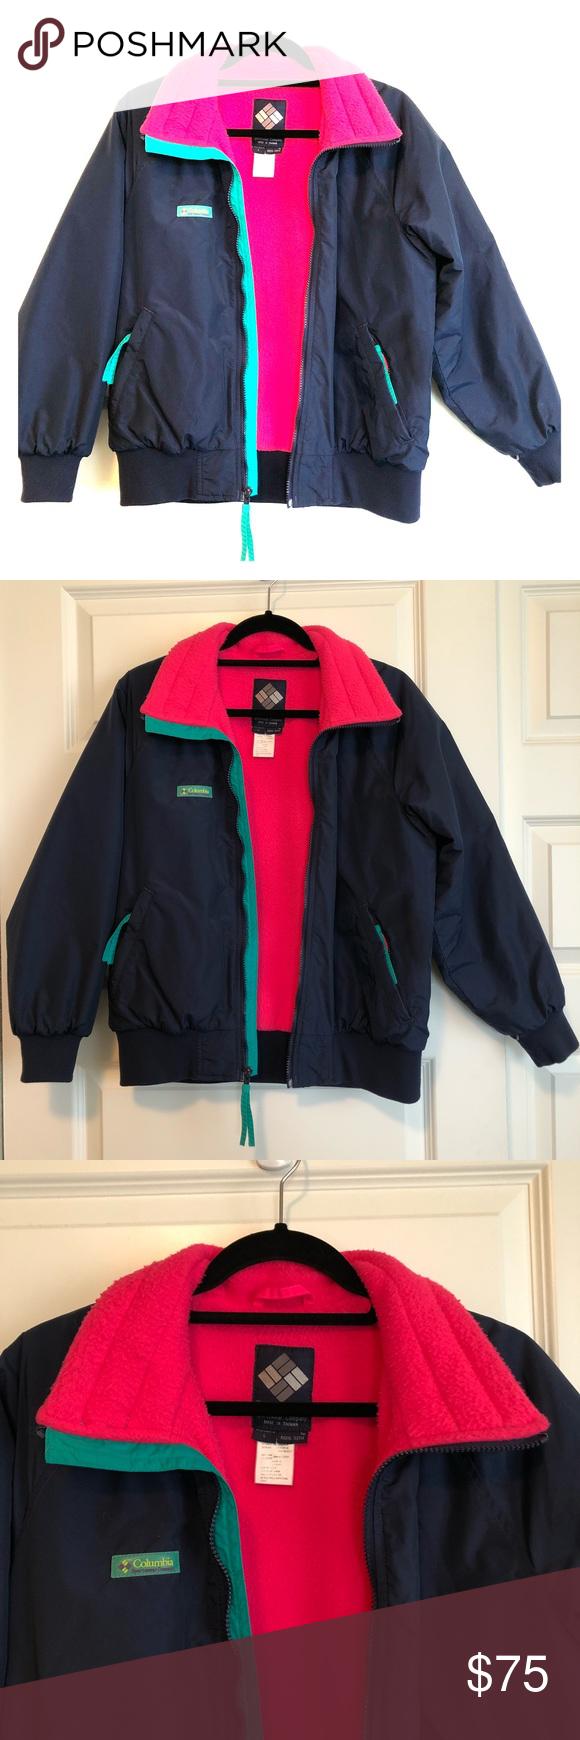 Vintage us us columbia jacket medium pink teal navy bodies